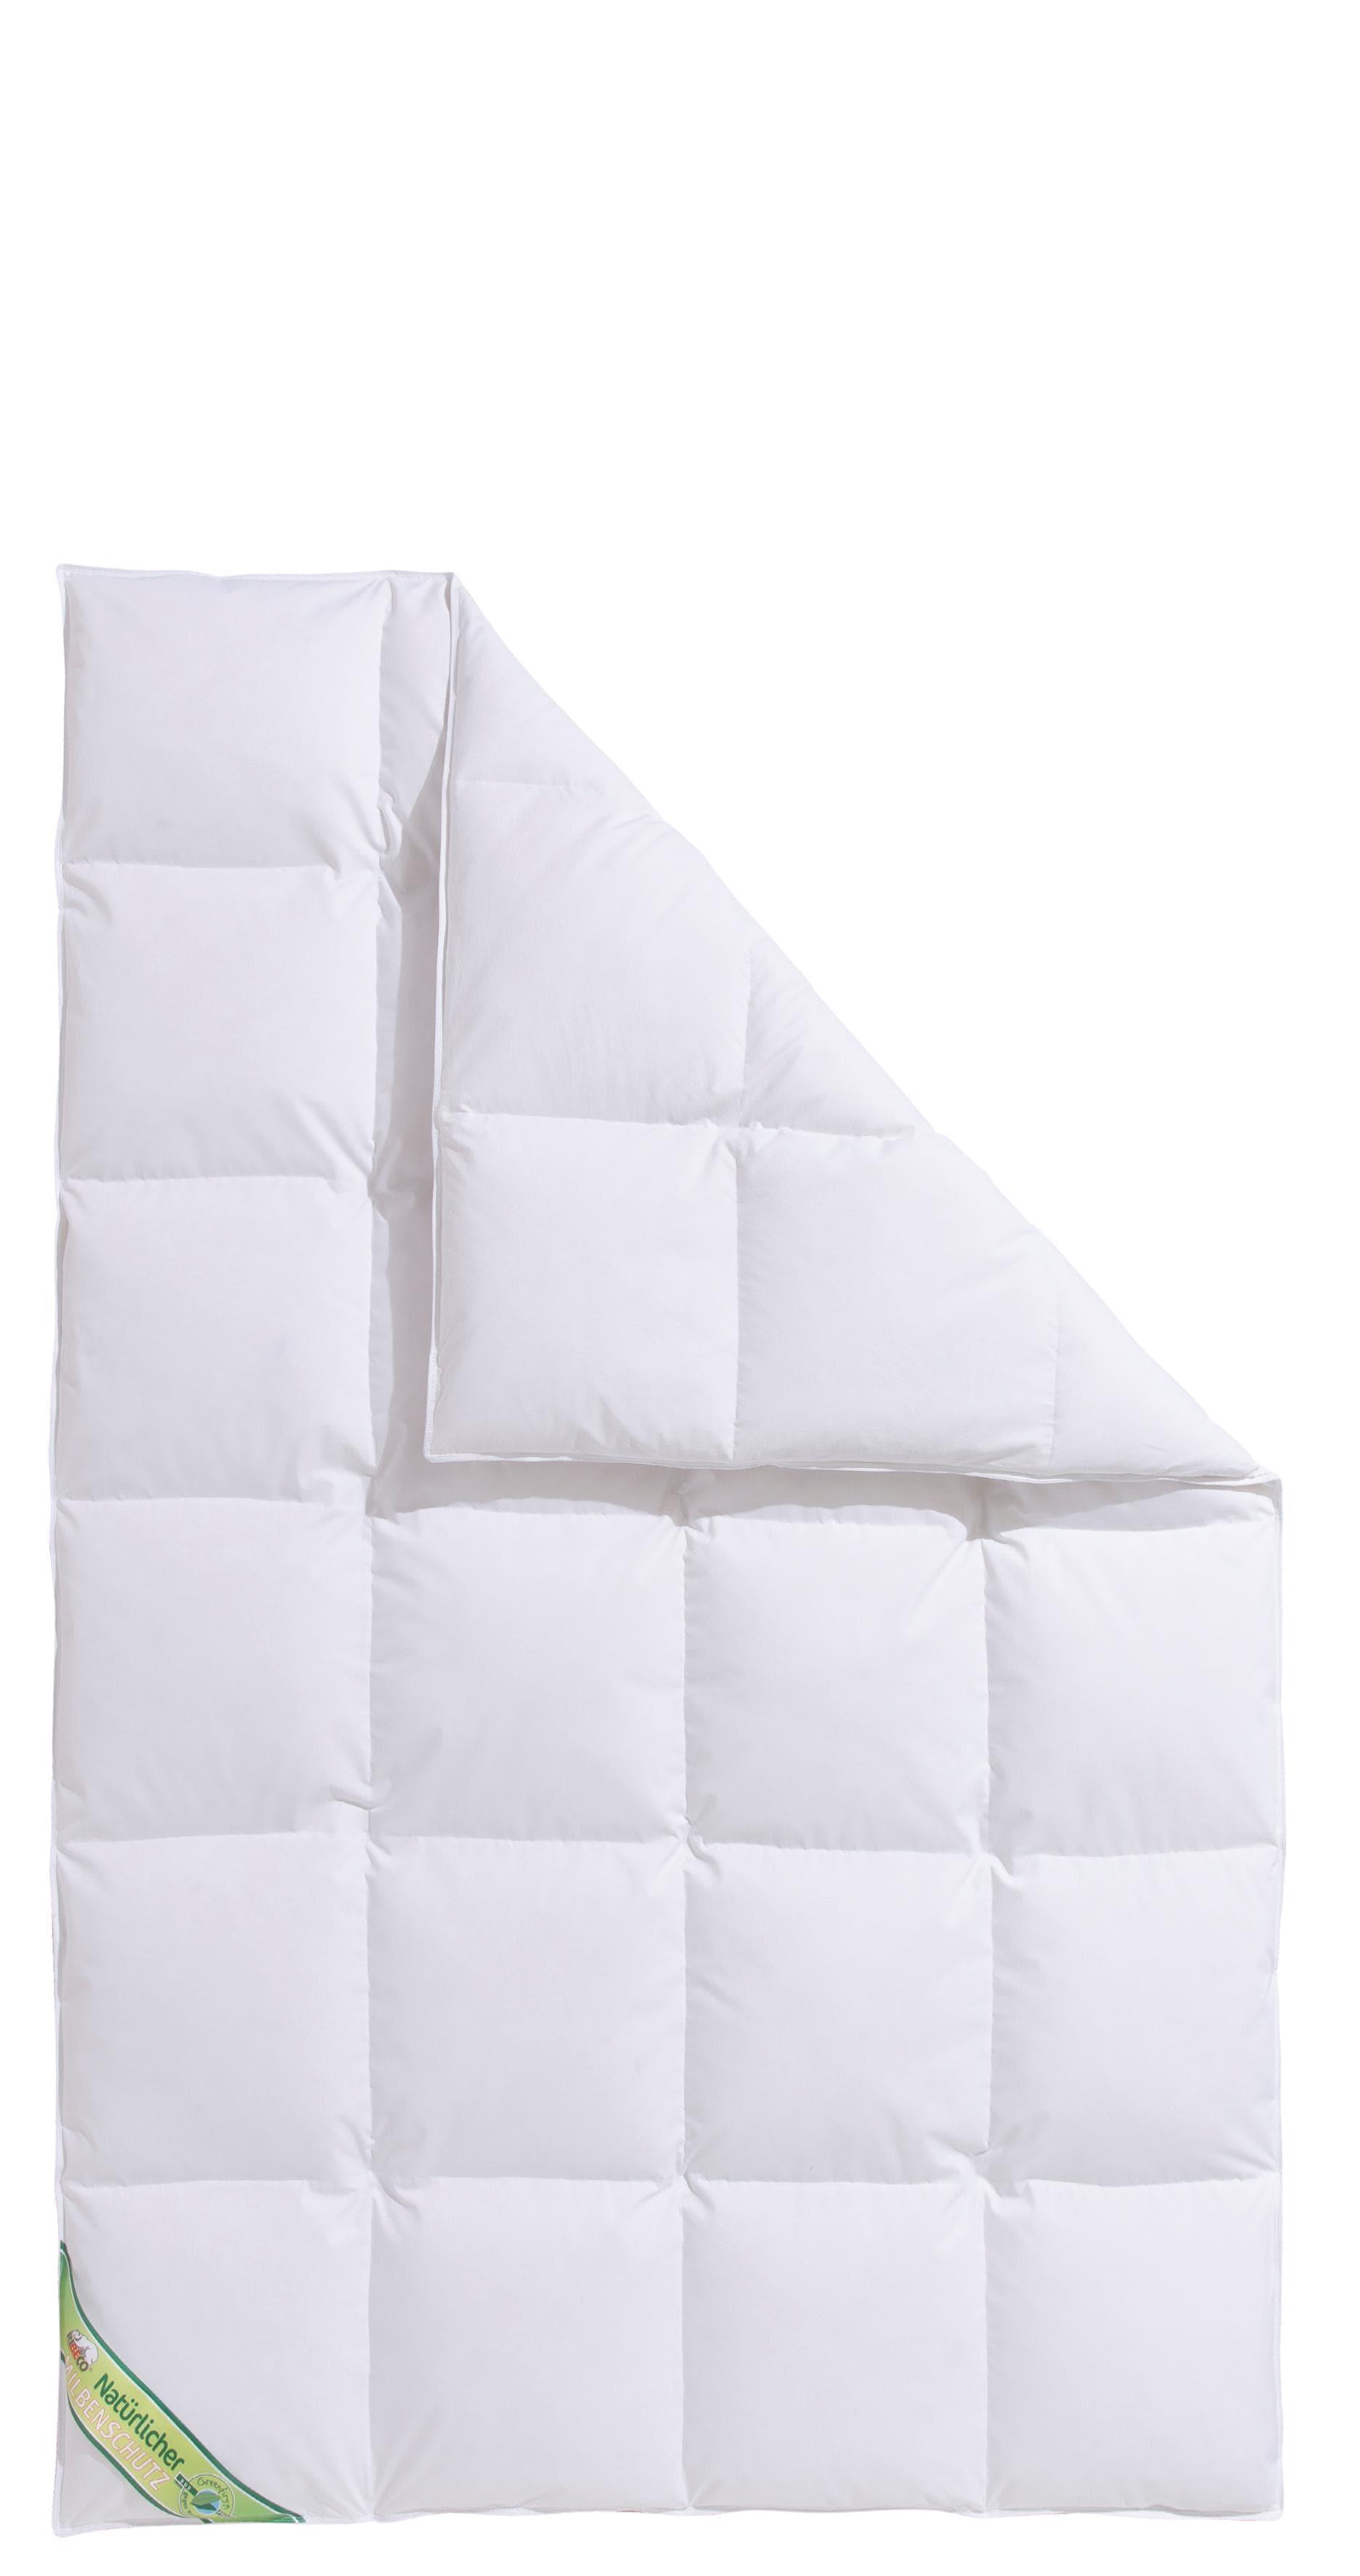 Daunenbettdecke Maja Hanse by RIBECO warm Füllung: 60% Daunen 40% Federn Bezug: 100% Baumwolle